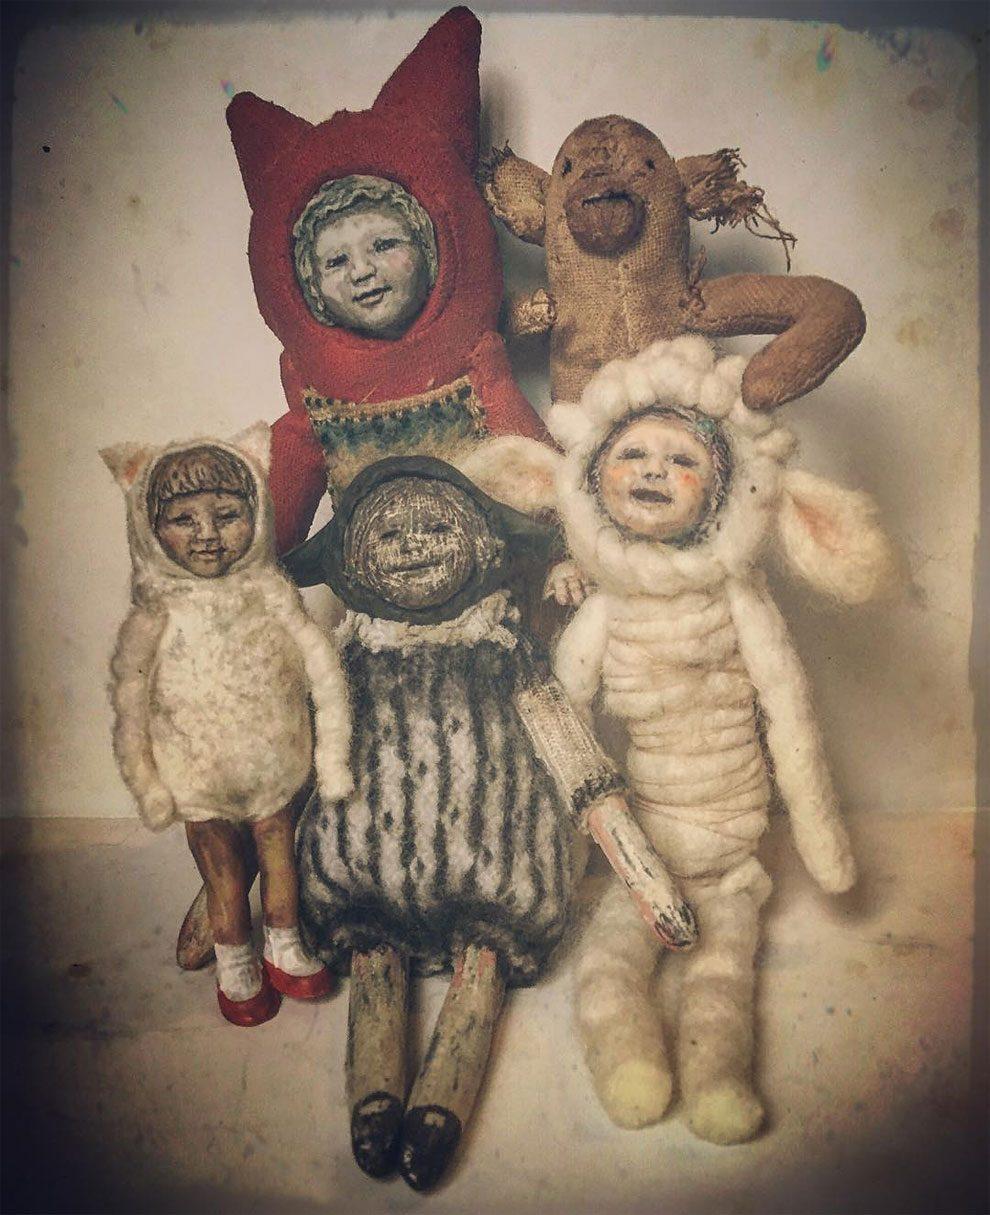 bambole-cucite-mano-teste-animali-annie-montgomery-06